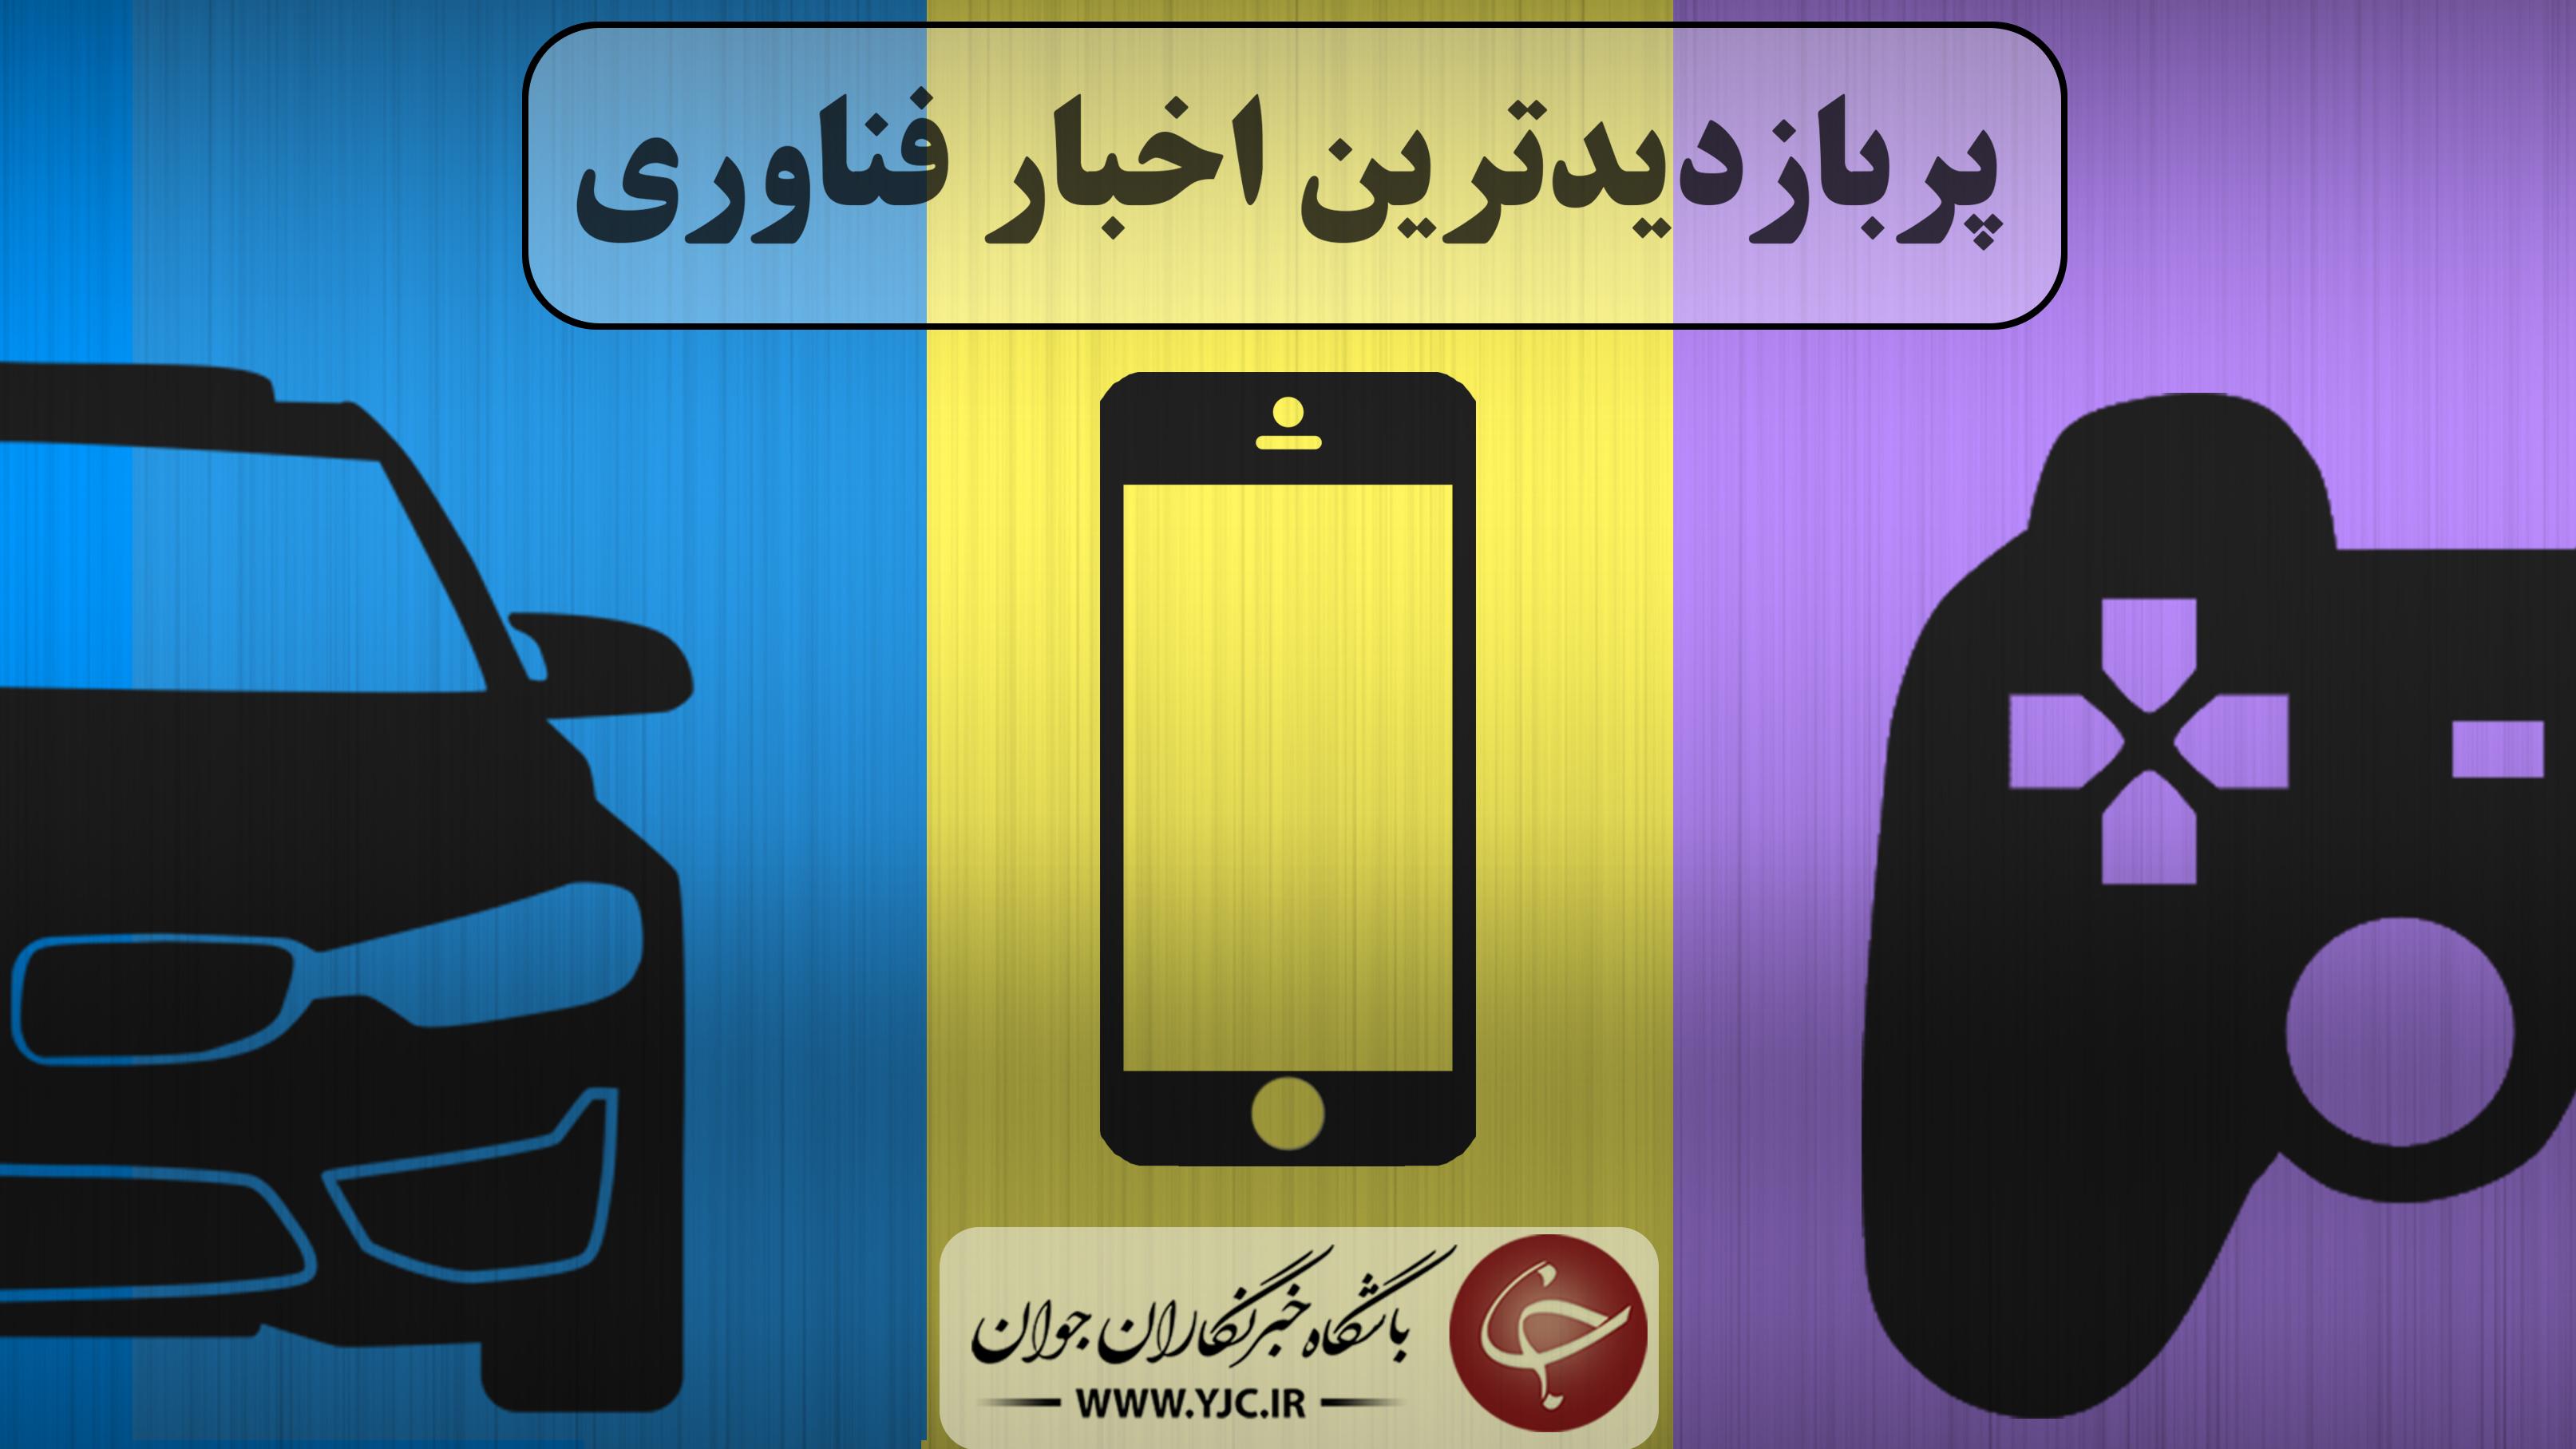 راههایی ساده برای داشتن سفری ایمن با تاکسیهای اینترنتی؛ قیمت روز گوشی موبایل در ۸ خرداد؛ جذابترین تصاویر پس زمینه (۸ خرداد)